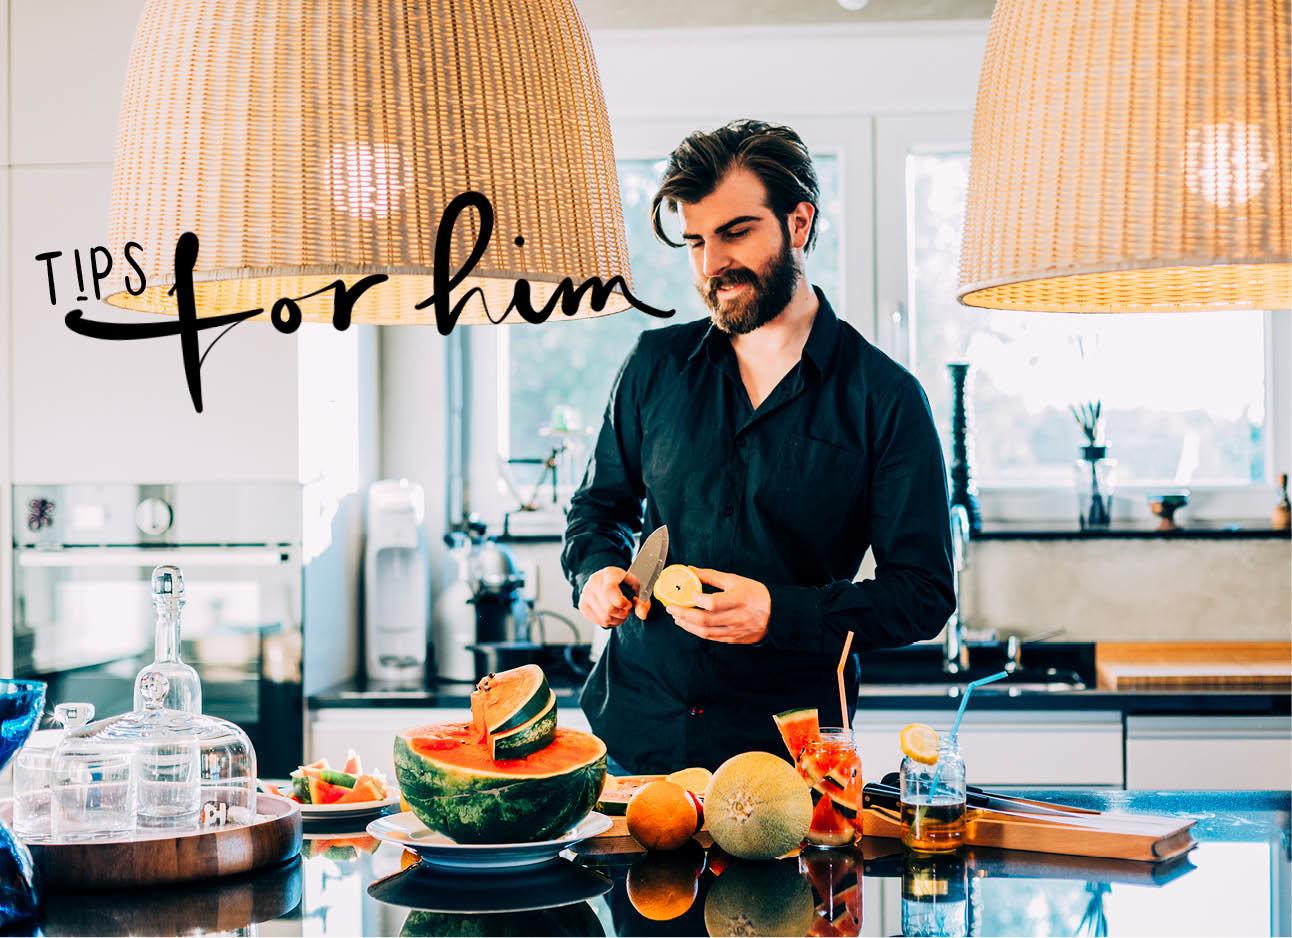 een man die een ananas aan het schillen is in de keuken